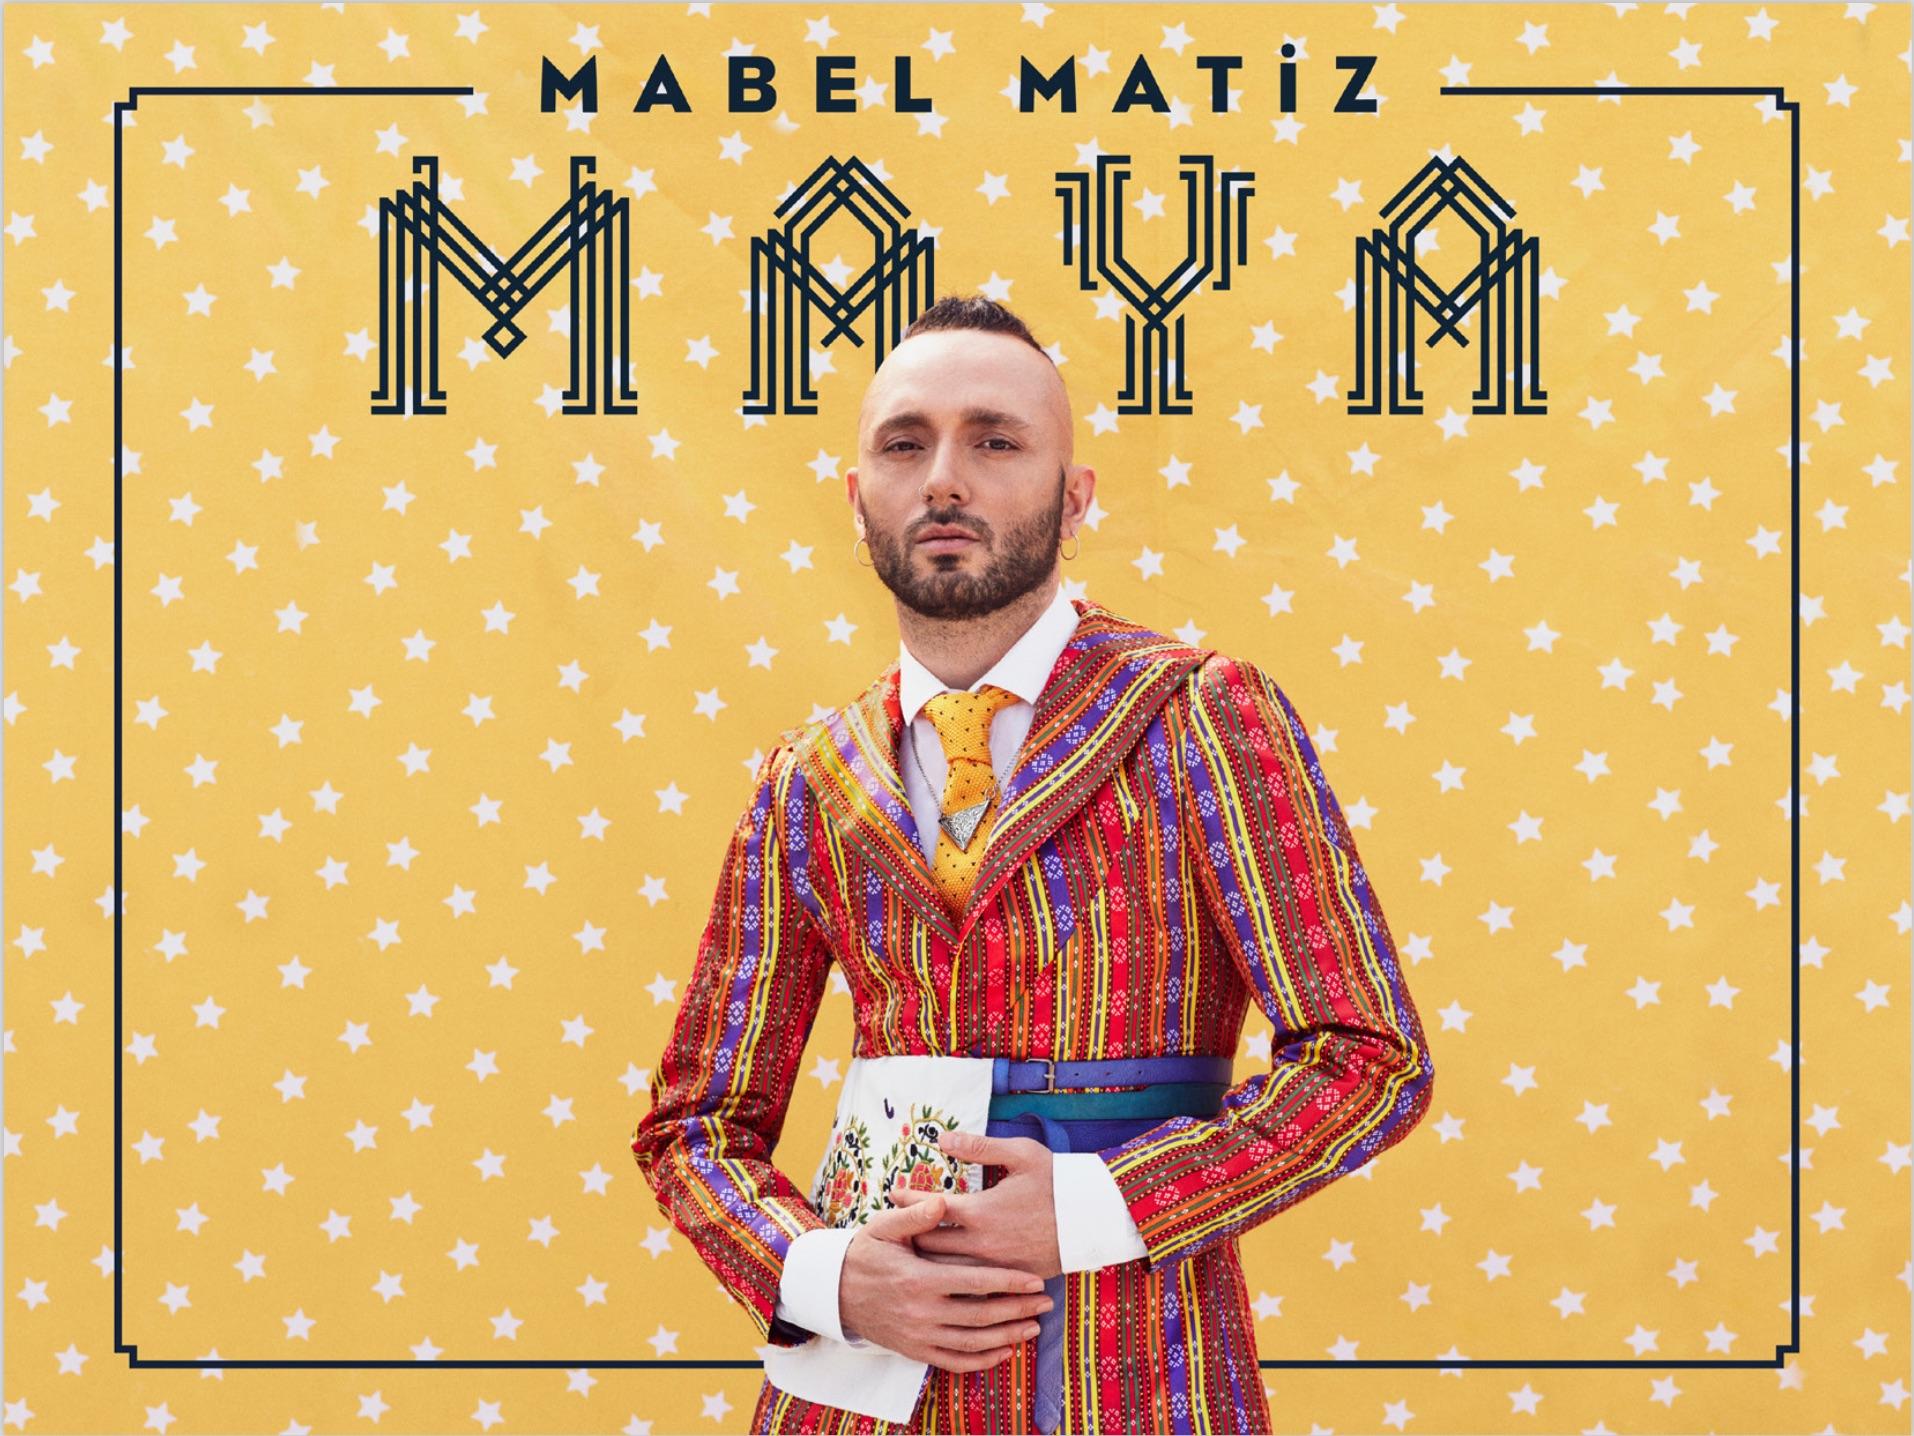 Mabel Matiz'in 4. Stüdyo Albümü Maya 20 Haziran 2018'de bütün platformlarda satışa sunuldu. Albüm stüdyomuzda Sabi Saltiel ve Mabel Matiz'in kendisi tarafından düzenlendi. Albümün bütün kayıtları Gevrec Stüdyolarında yapıldı.